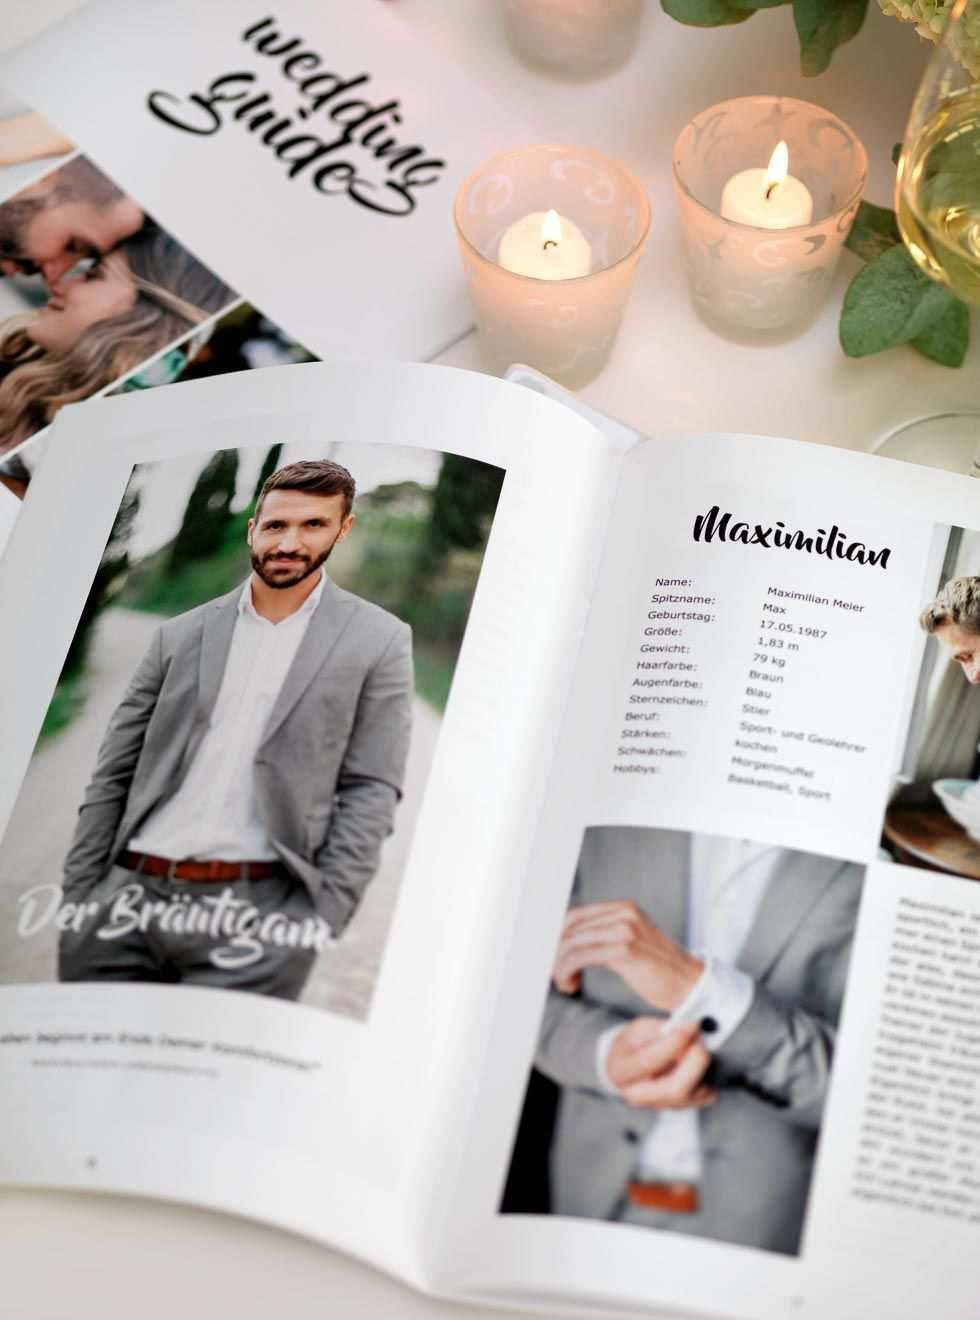 Hochzeitszeitung Vorlage Professionelles Magazin In Word Gestalten Hochzeit Broschure Hochzeitszeitung Hochzeit